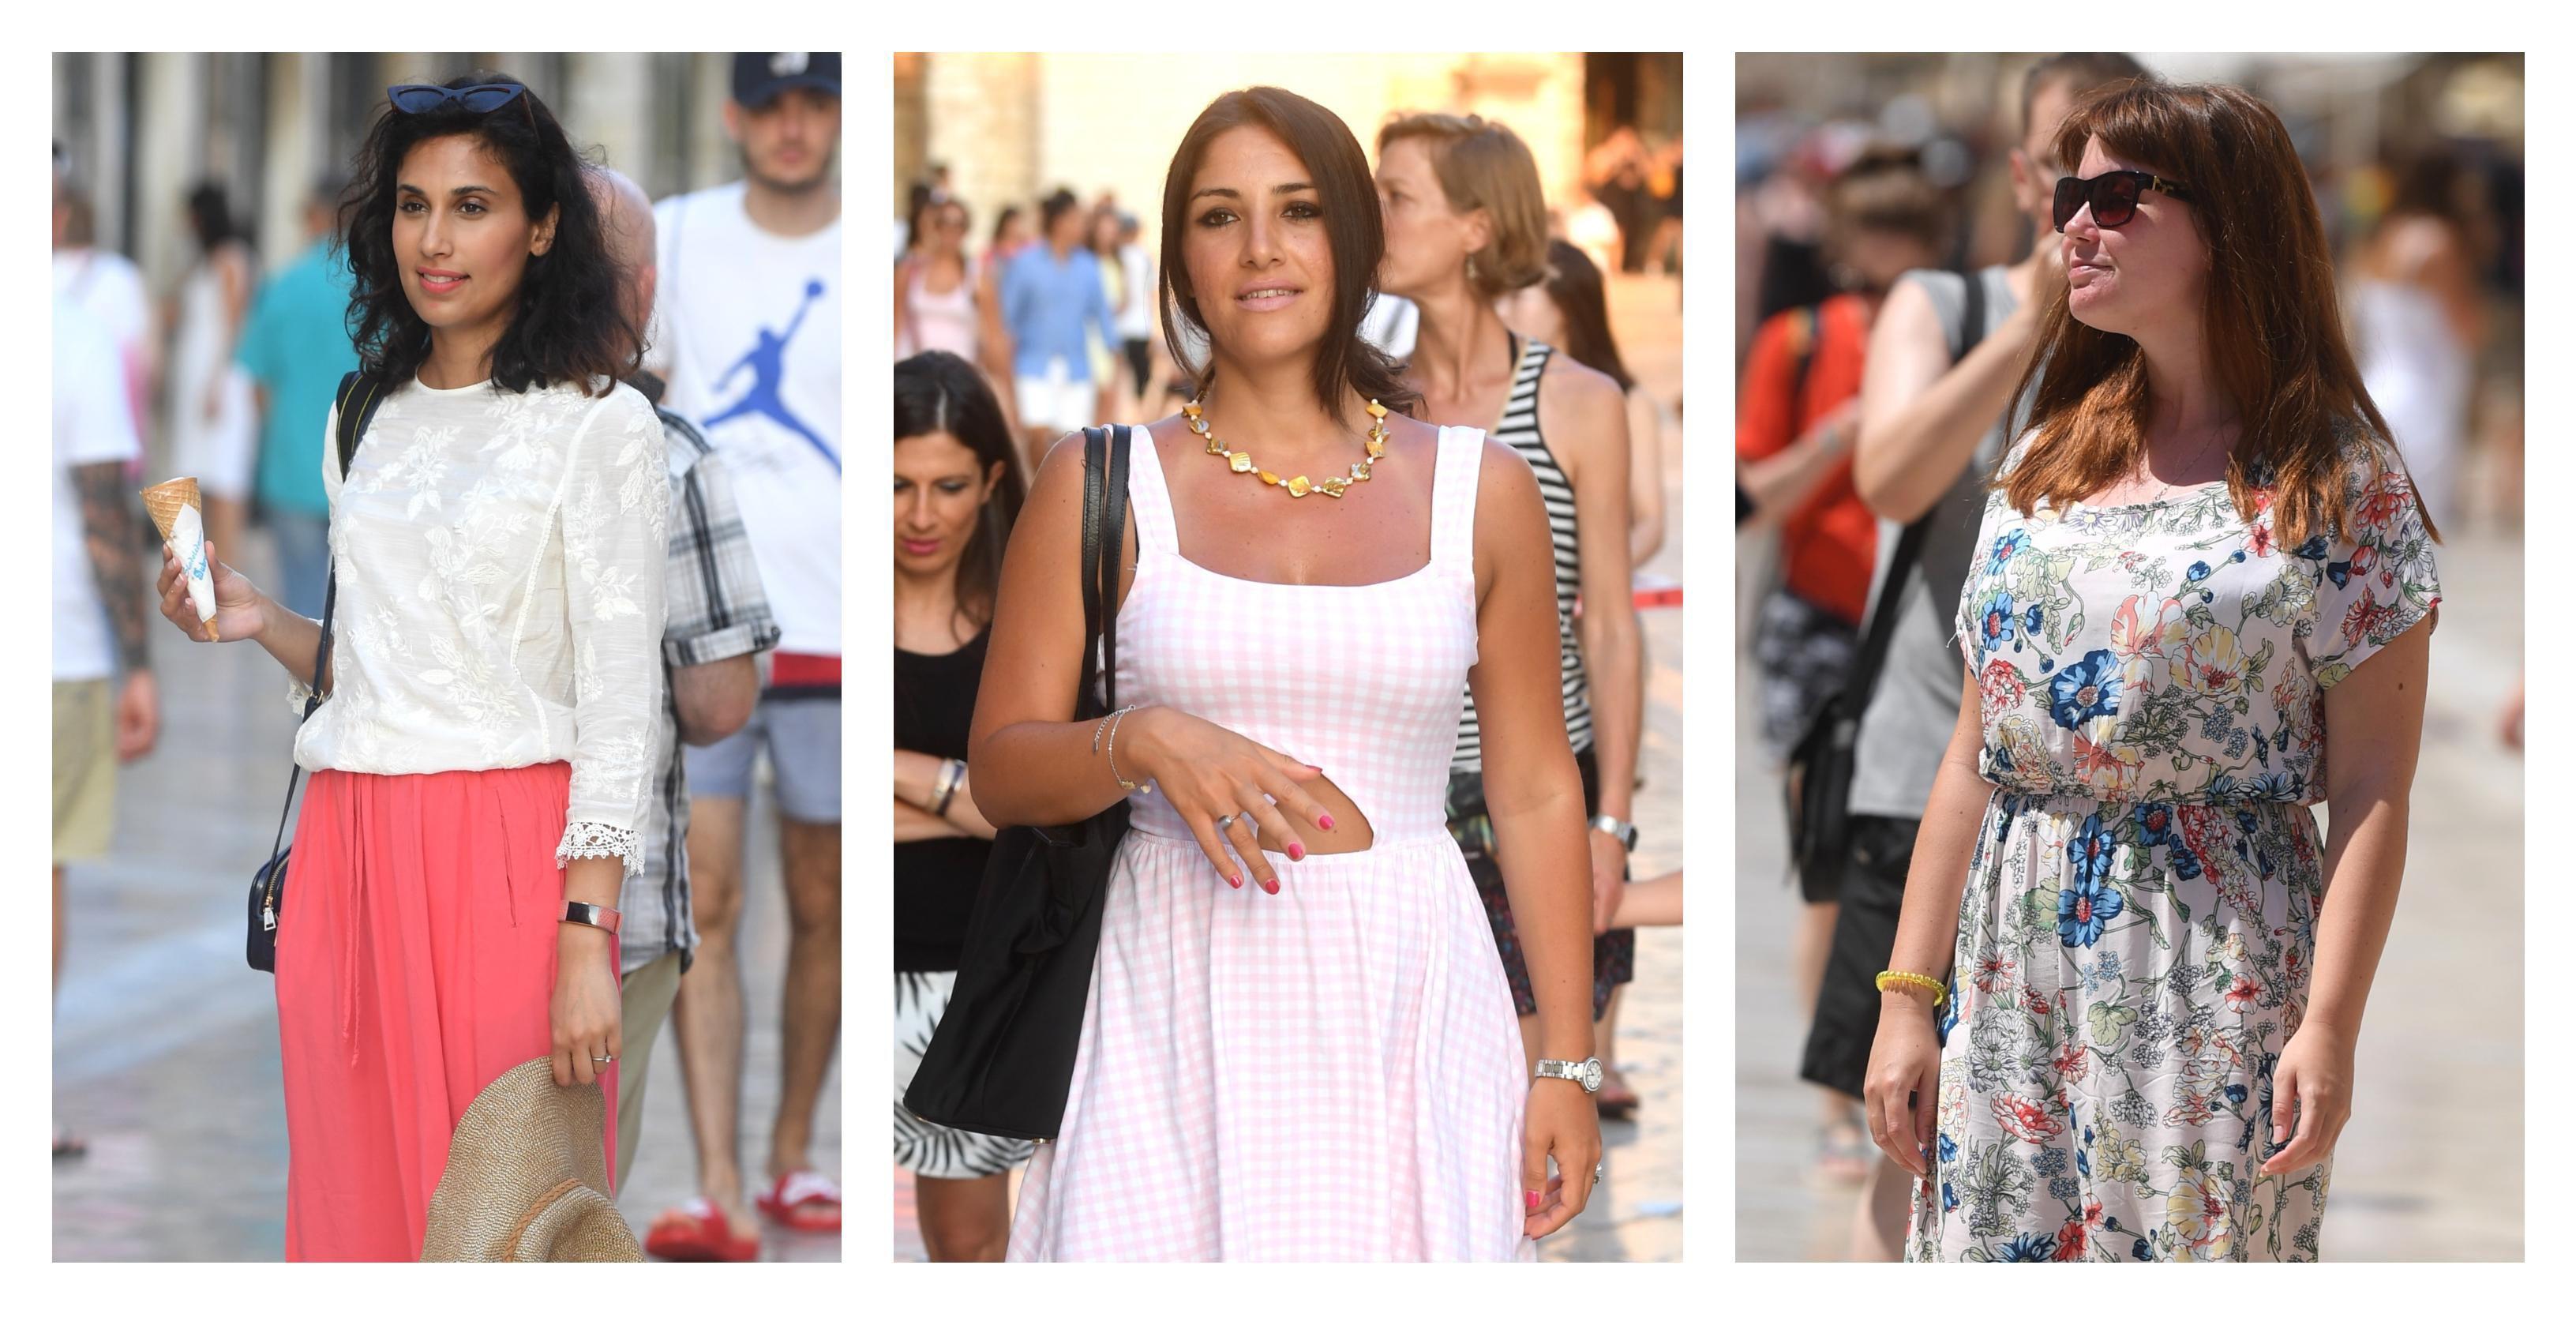 Ma, samo neka je lepršavo! Atraktivne cure u Dubrovniku znaju što najbolje pristaje uz preplanulu put